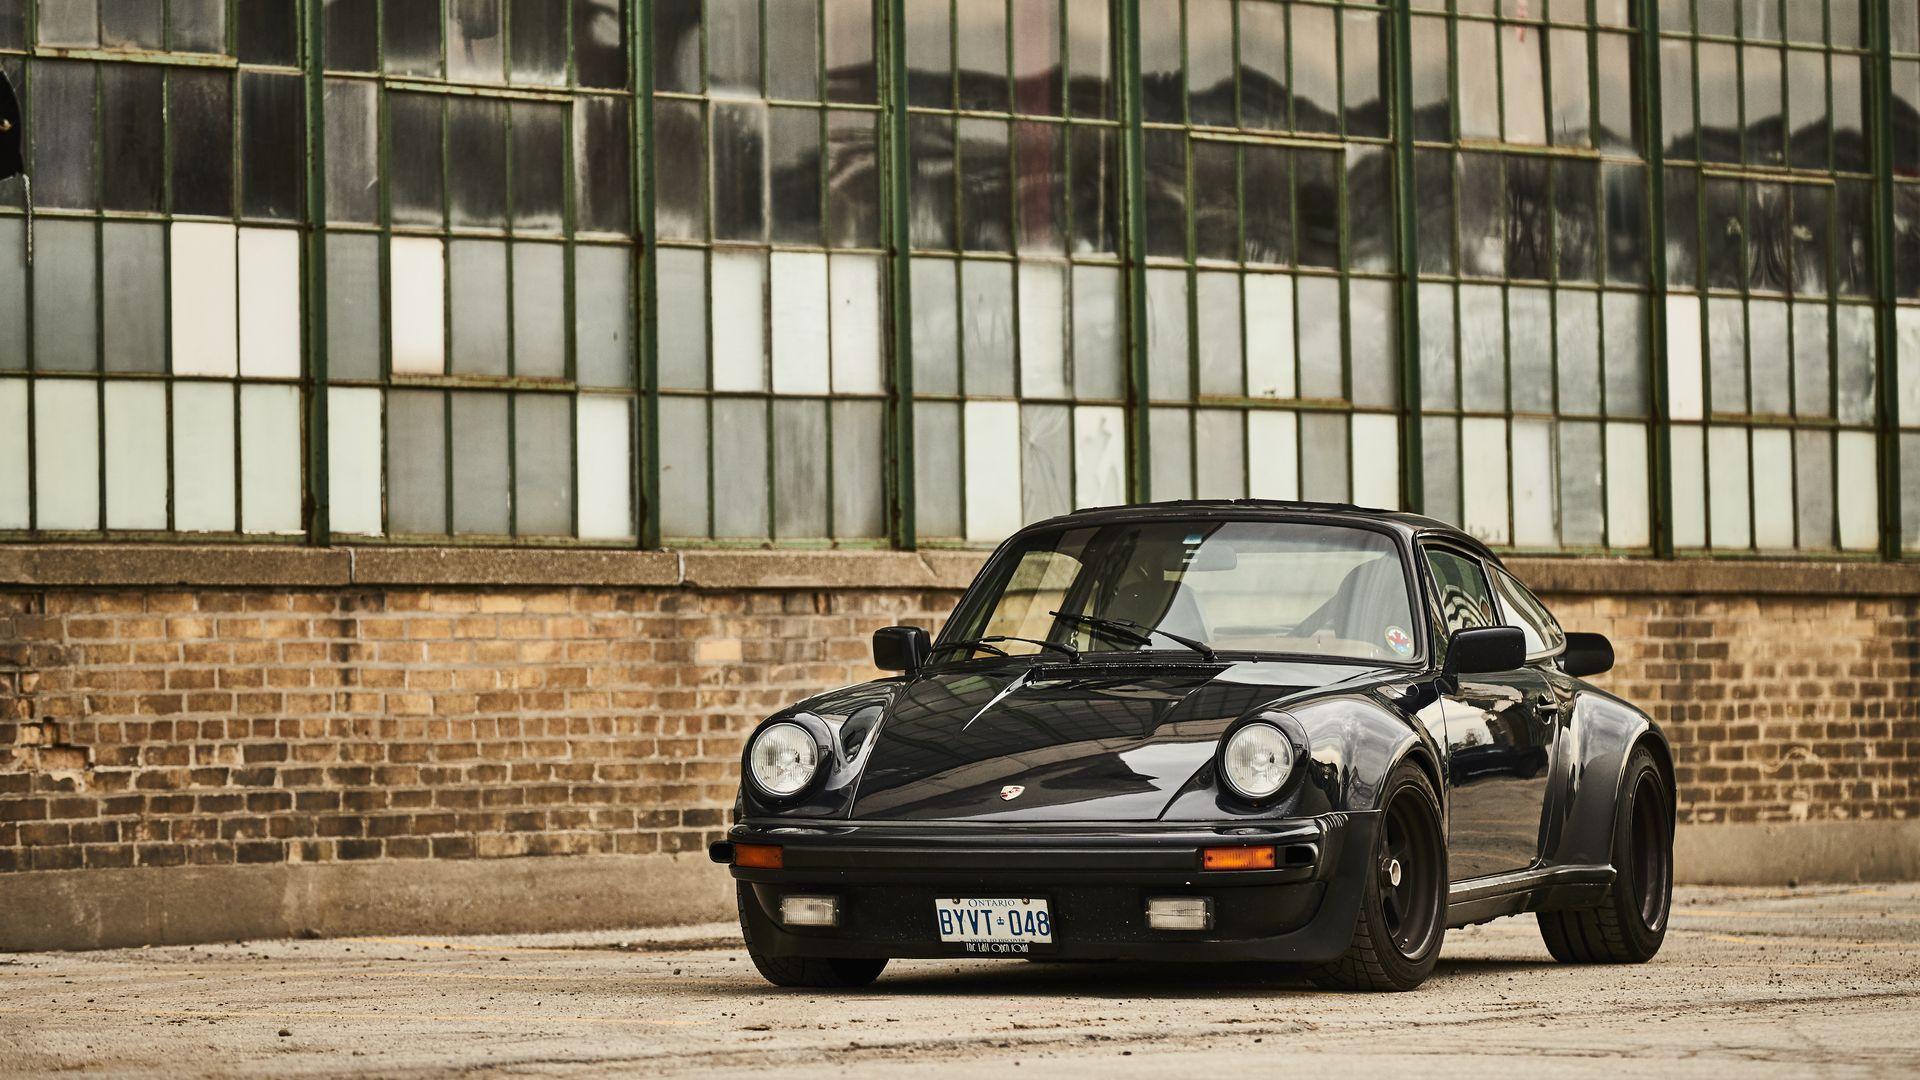 Bill Maceachern Y Su Porsche930 Porsche 930 Retro Cars Porsche